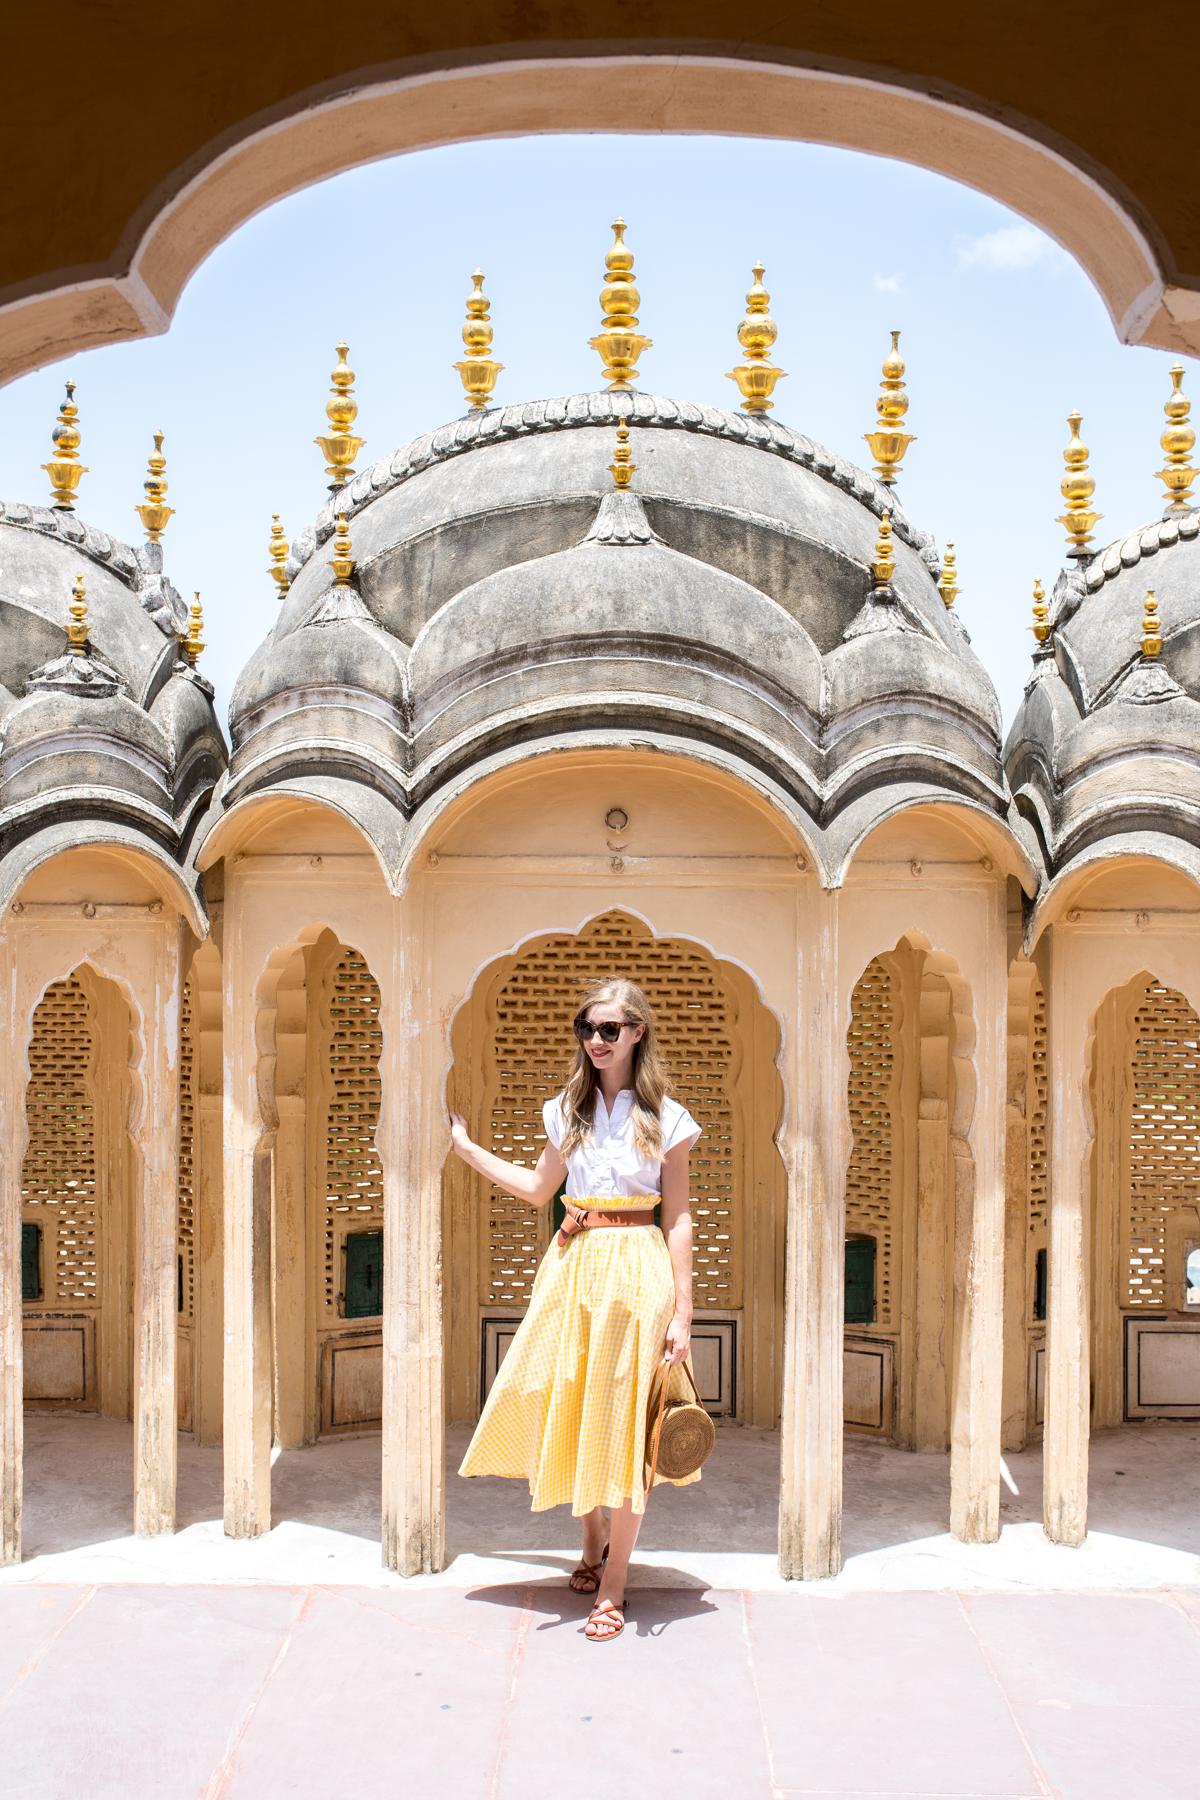 Stacie Flinner City Palace Jaipur 10 Best -20.jpg